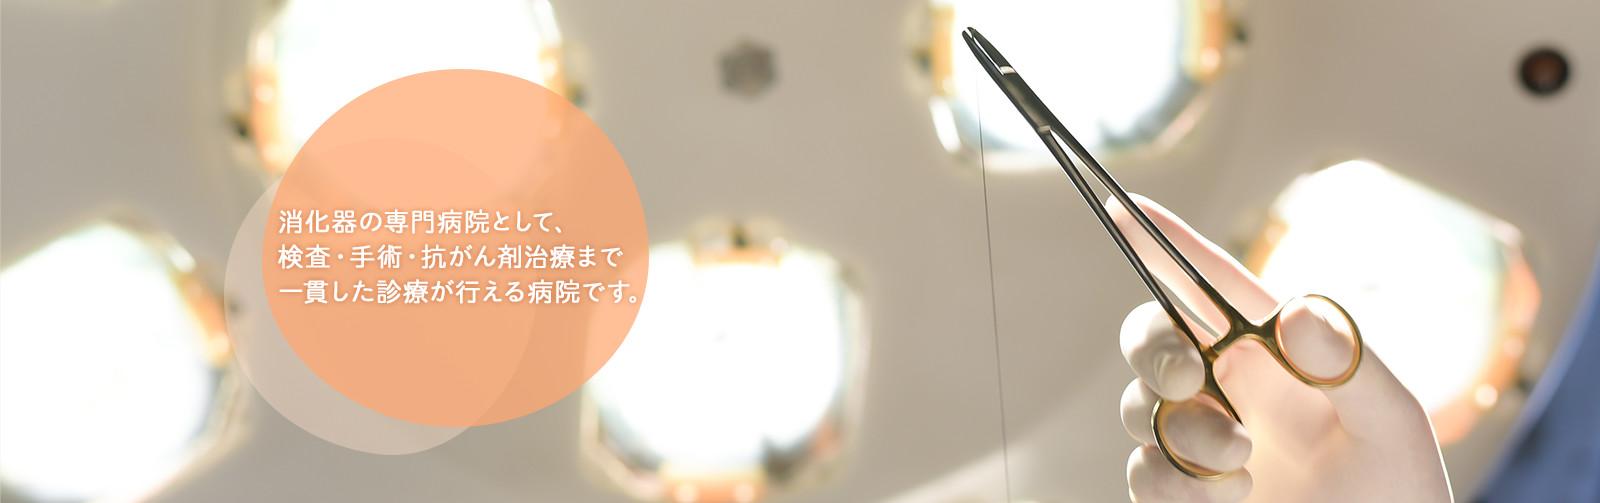 市川胃腸科外科病院|埼玉県越谷市 消化器専門 土日診療